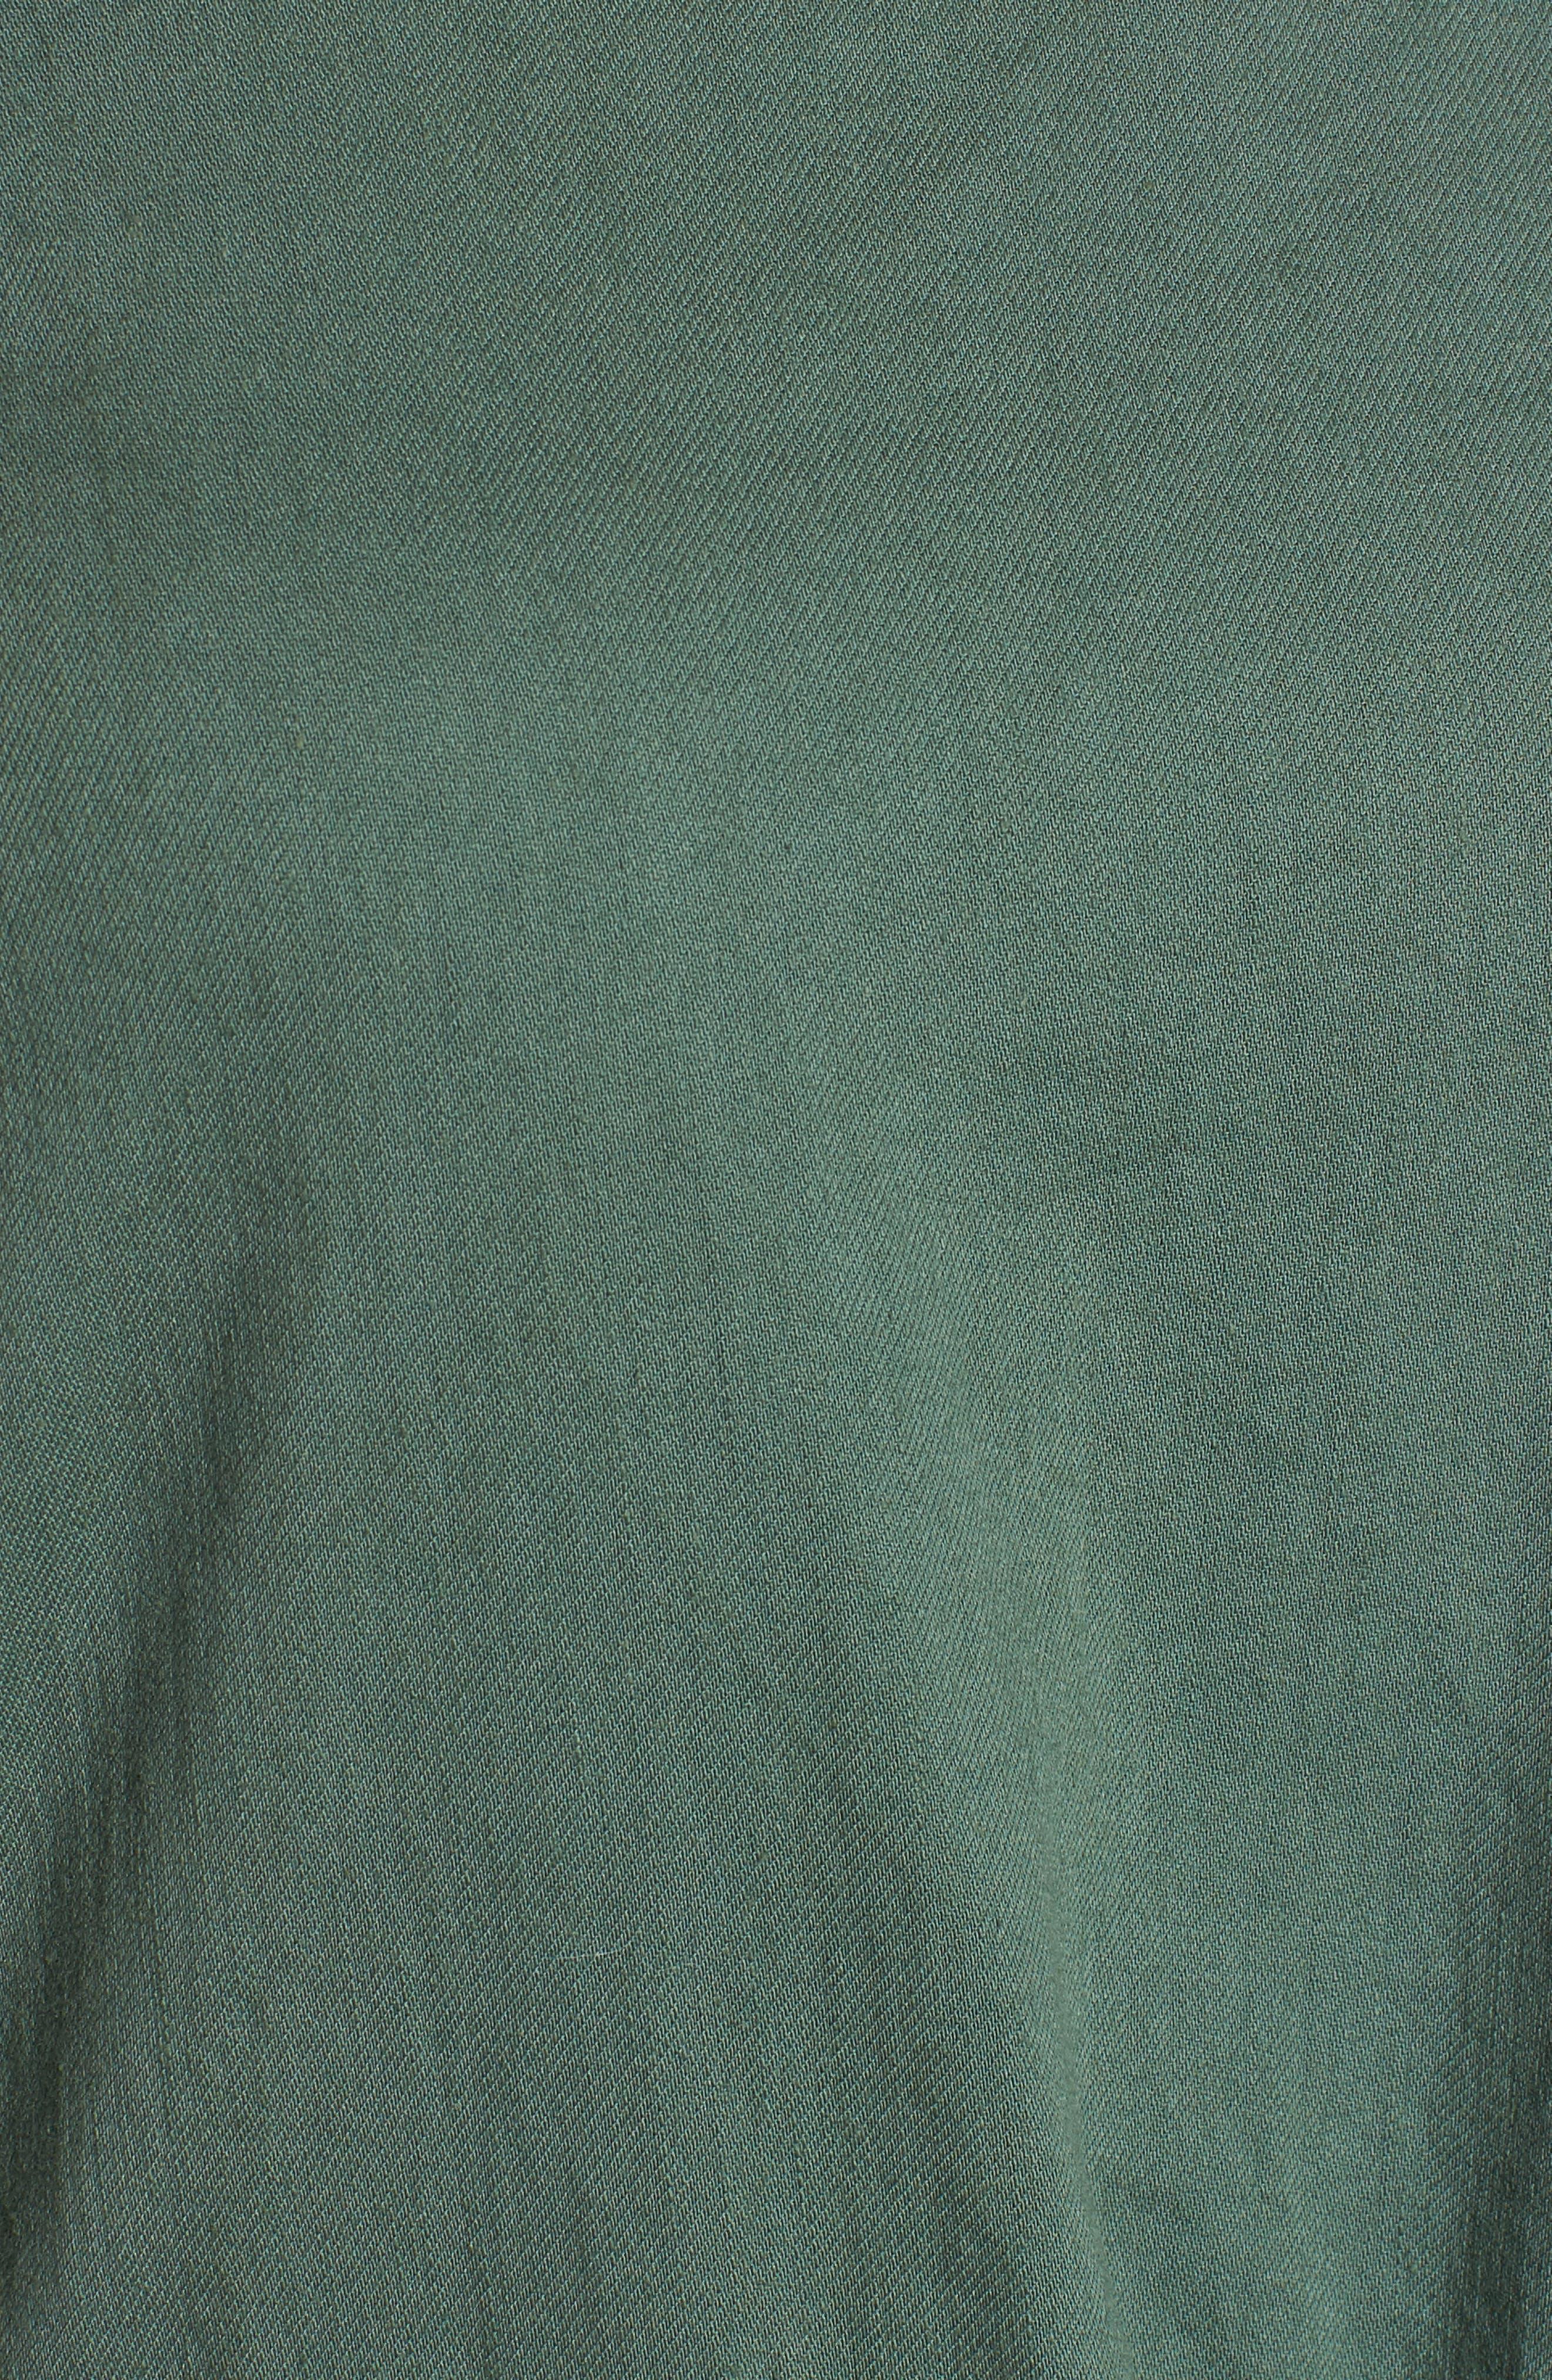 Drawstring Organic Cotton Midi Dress,                             Alternate thumbnail 20, color,